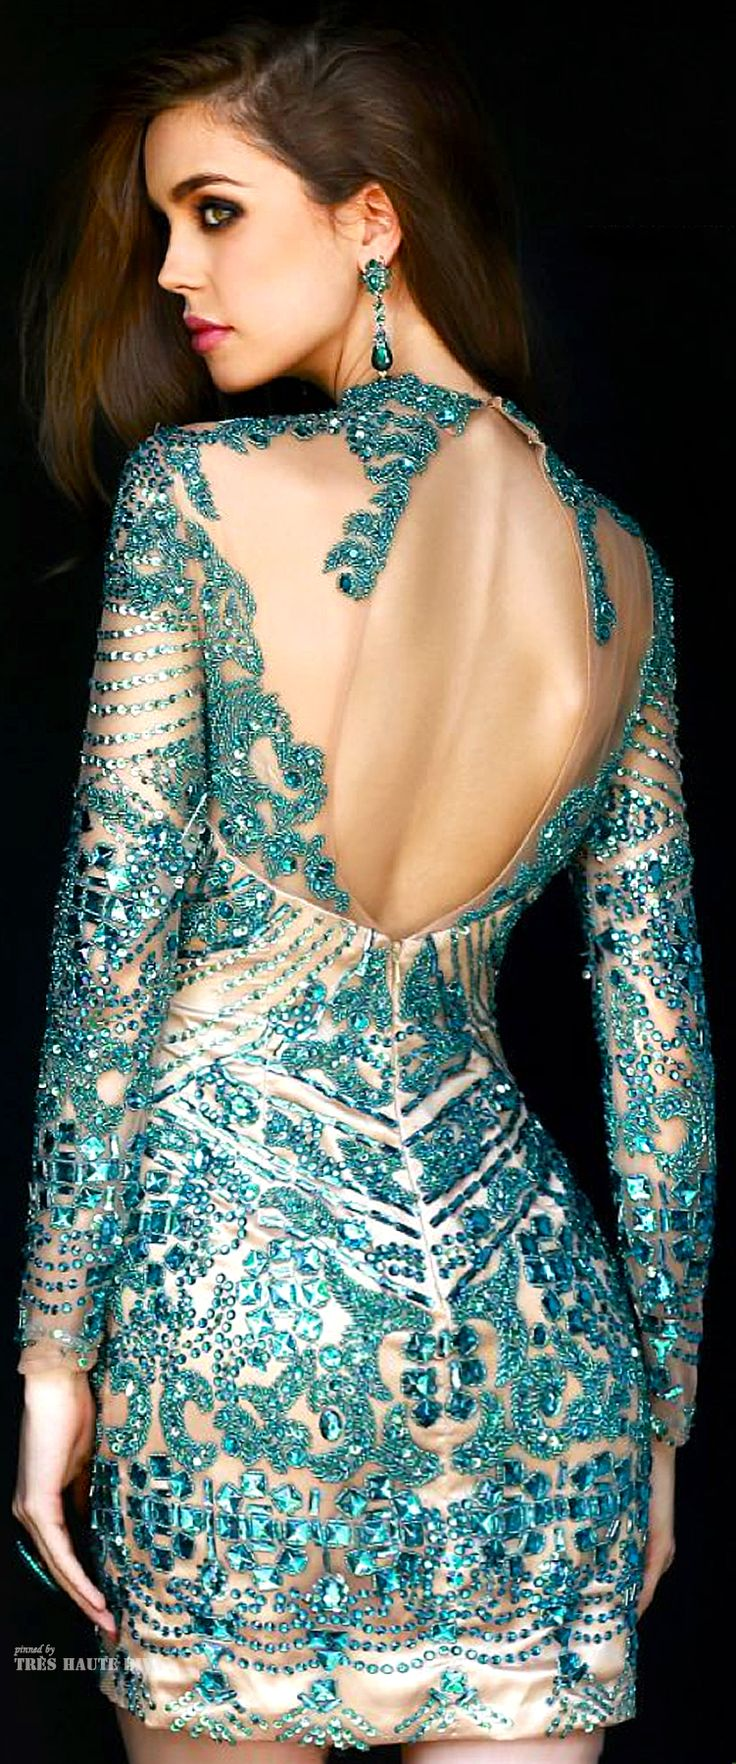 best d r e s s e s images on pinterest cute dresses senior